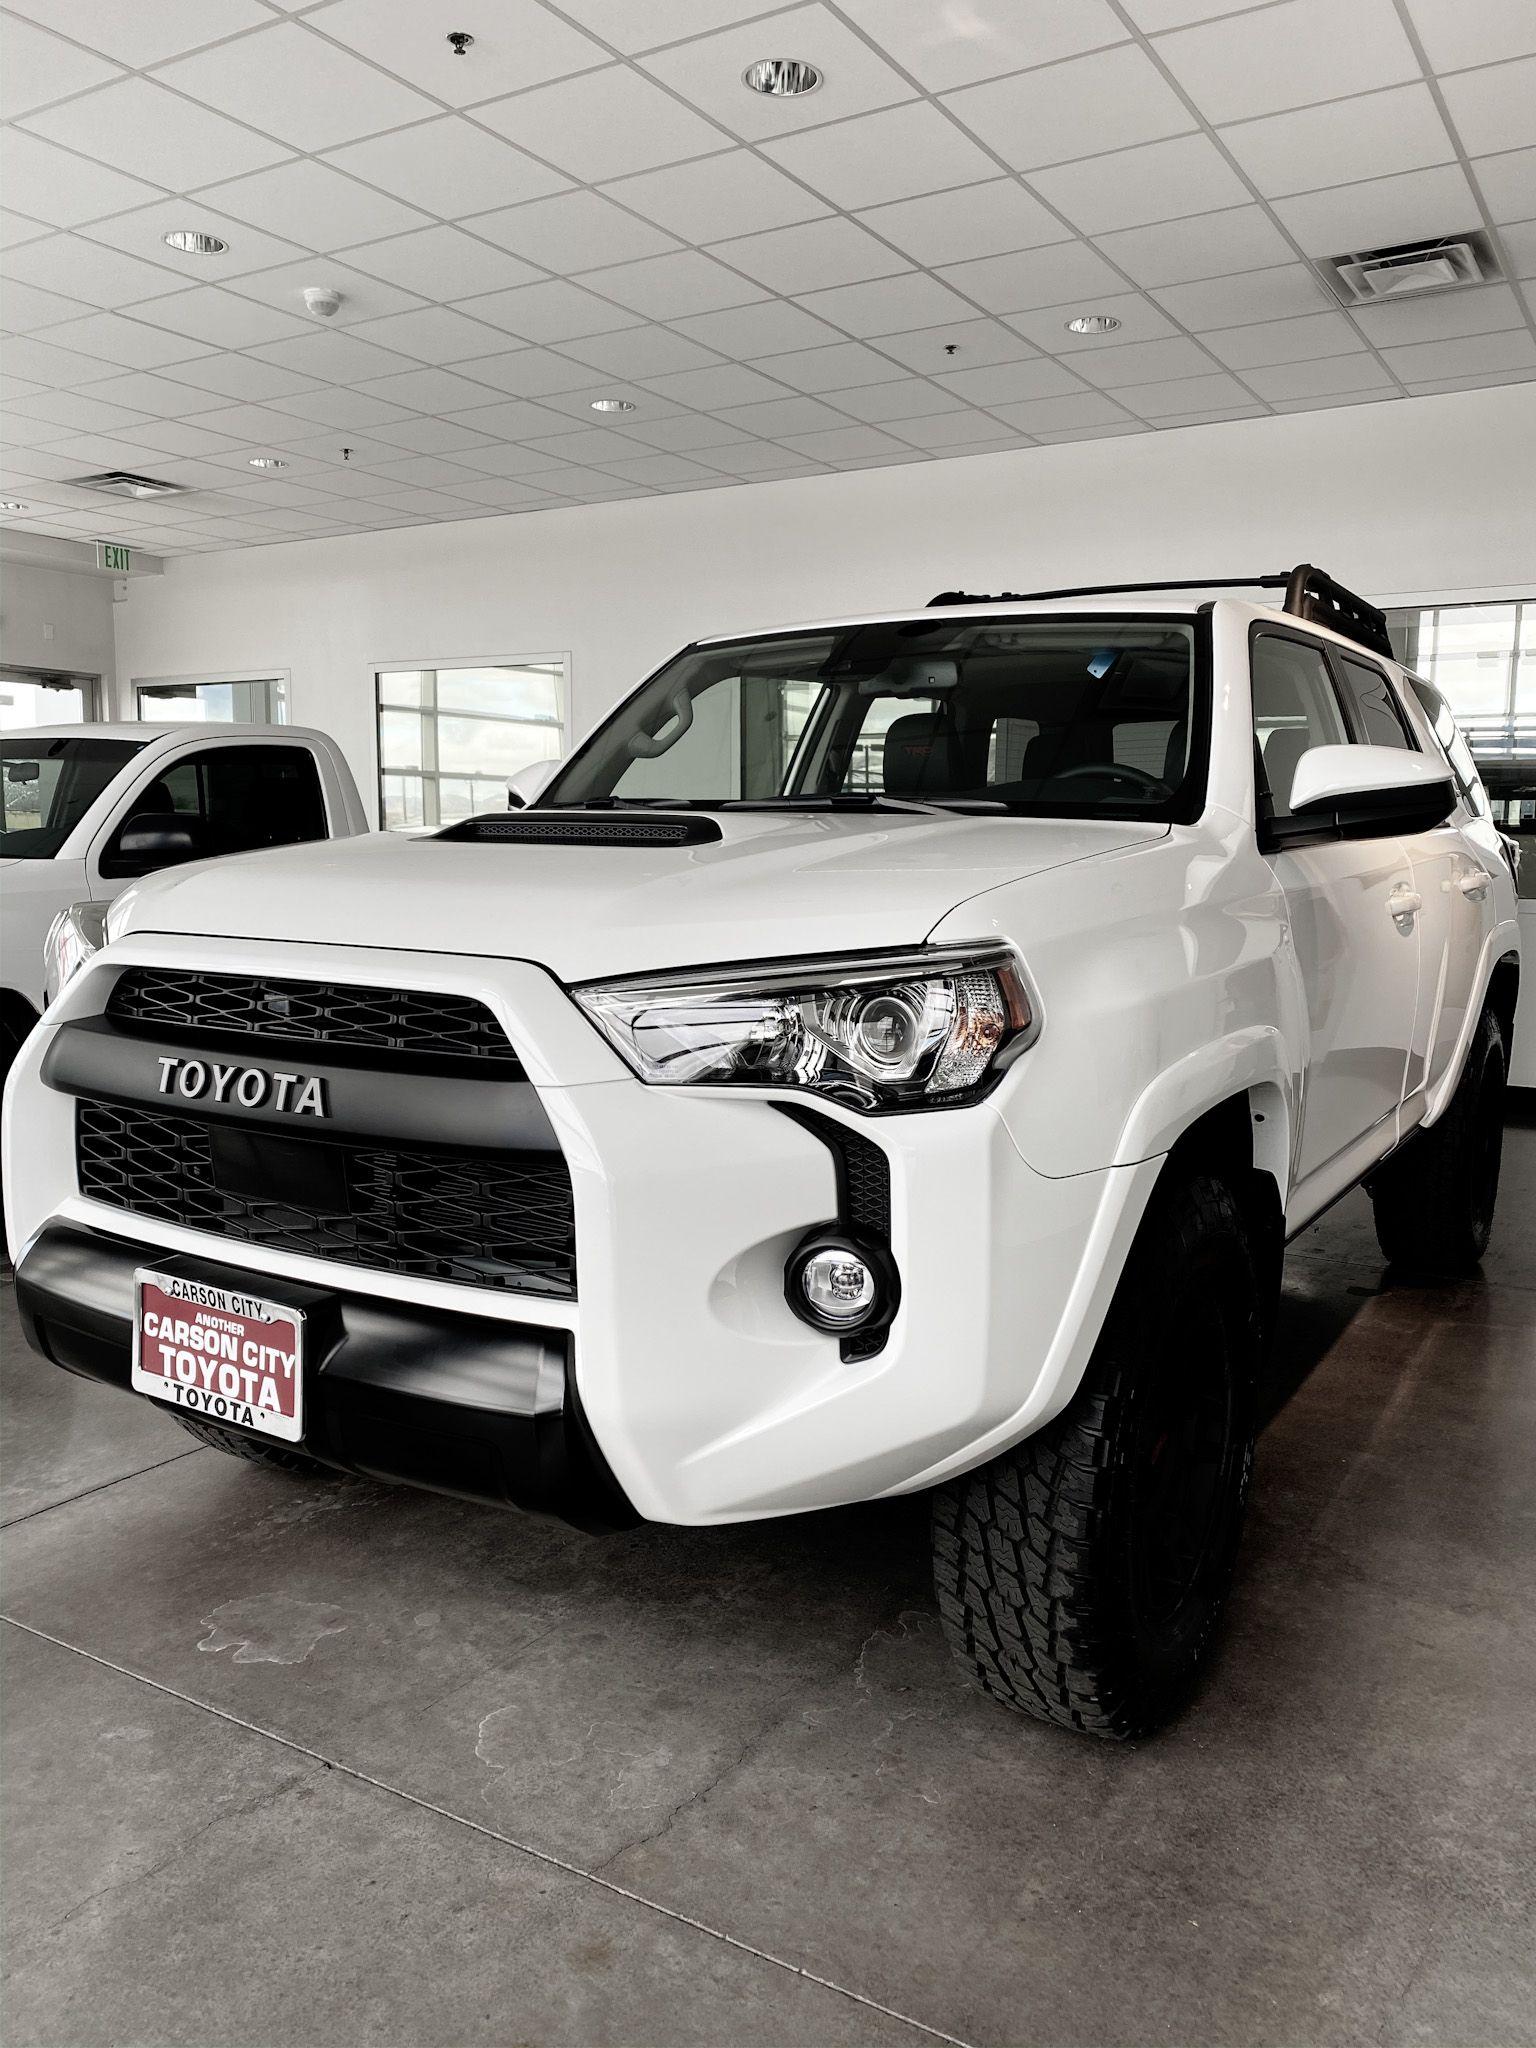 2020 Toyota 4runner Trd Pro Toyota 4runner Trd 4runner Toyota 4runner